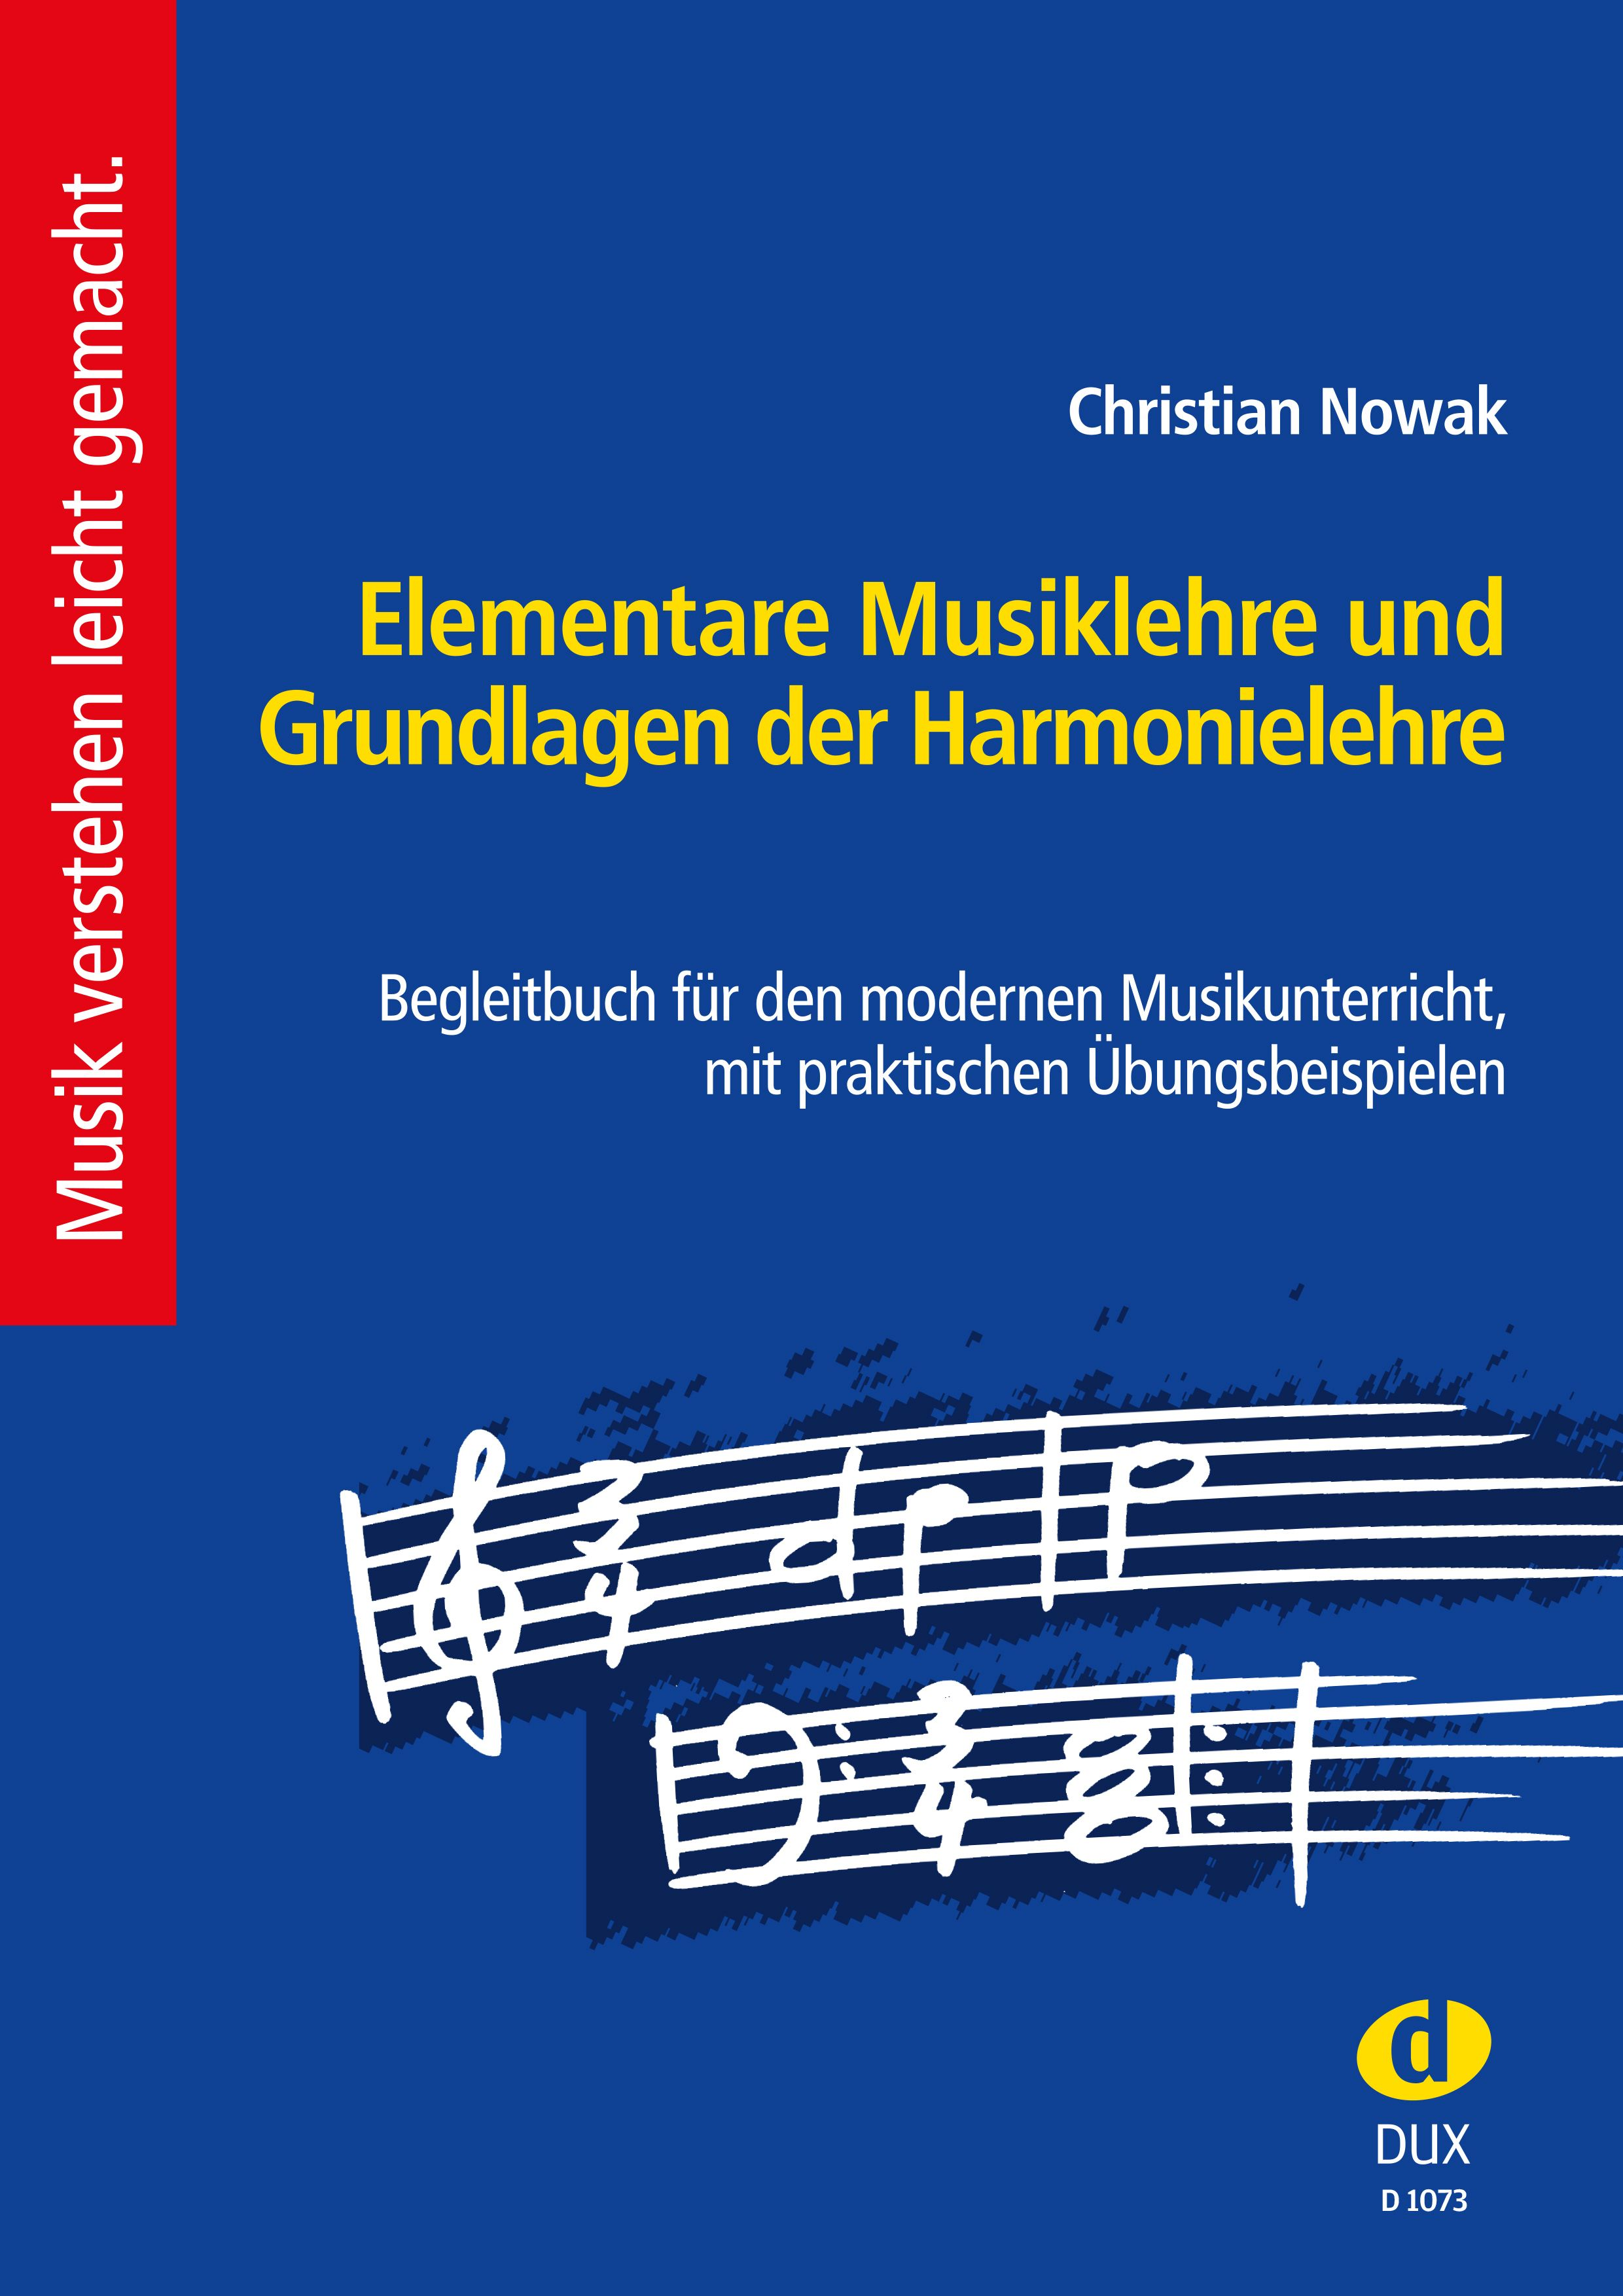 Elementare Musiklehre + Grundlagen der Harmonielehre